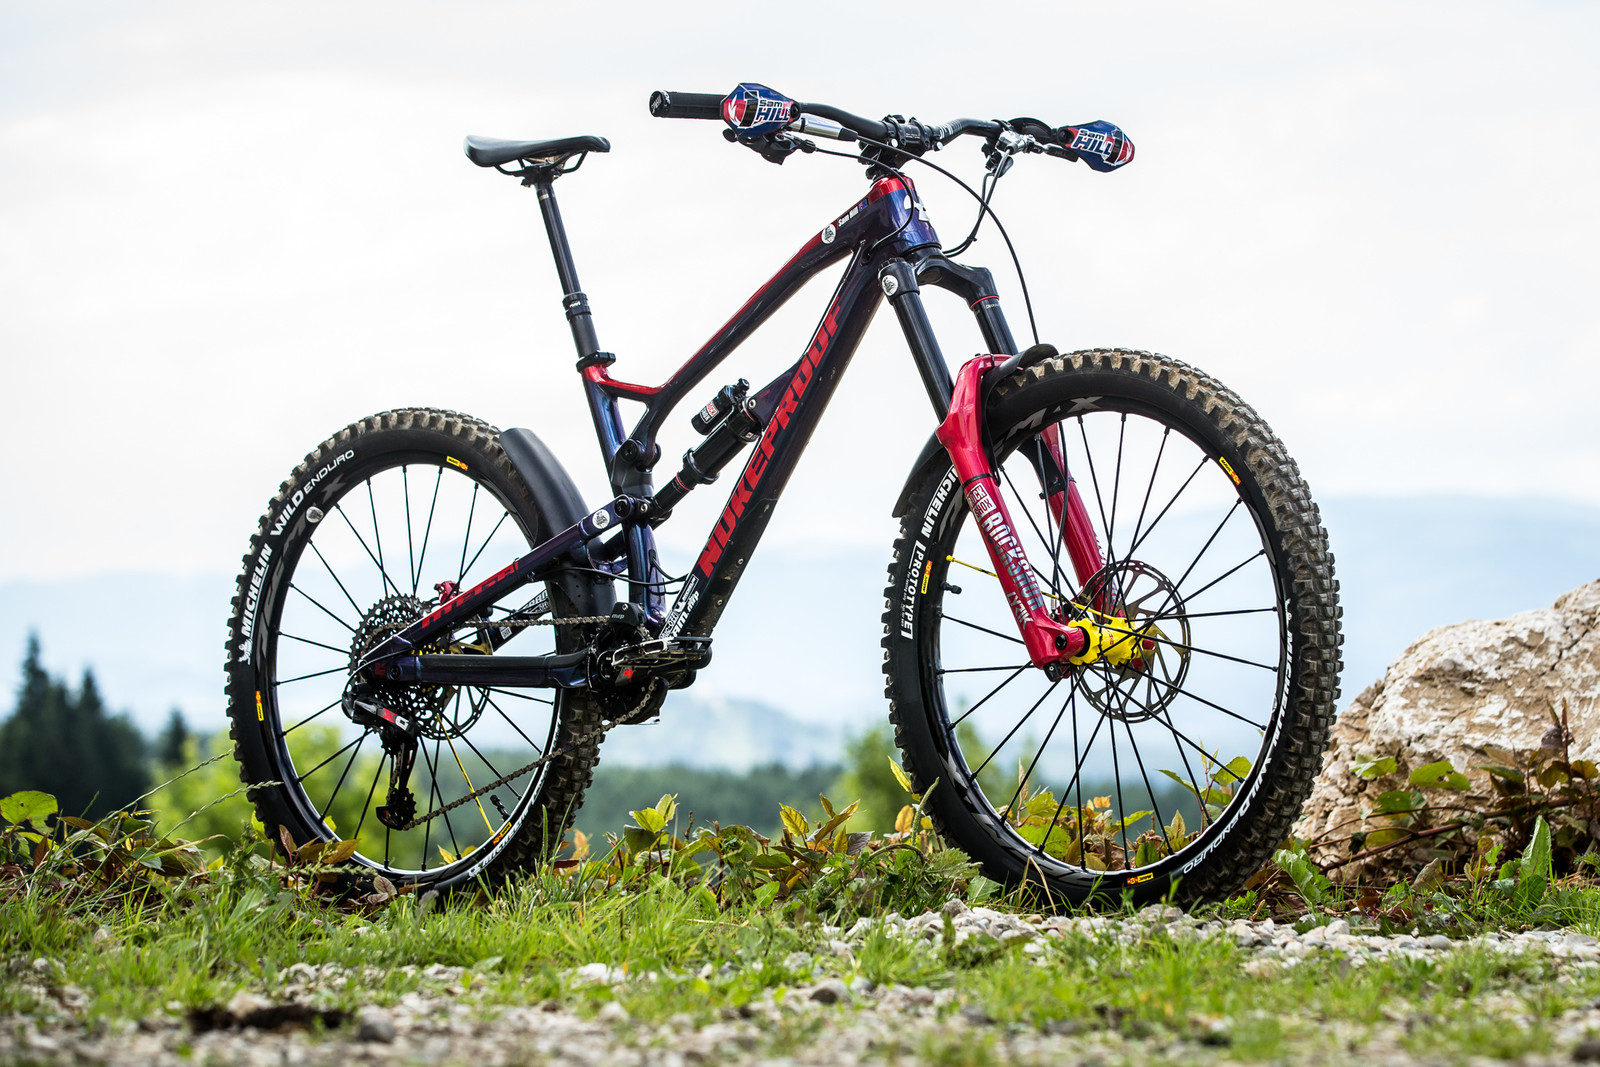 WINNING BIKE - Sam Hill's Nukeproof Mega 275 - WINNING BIKE - Sam Hill's Nukeproof Mega 275 - Mountain Biking Pictures - Vital MTB